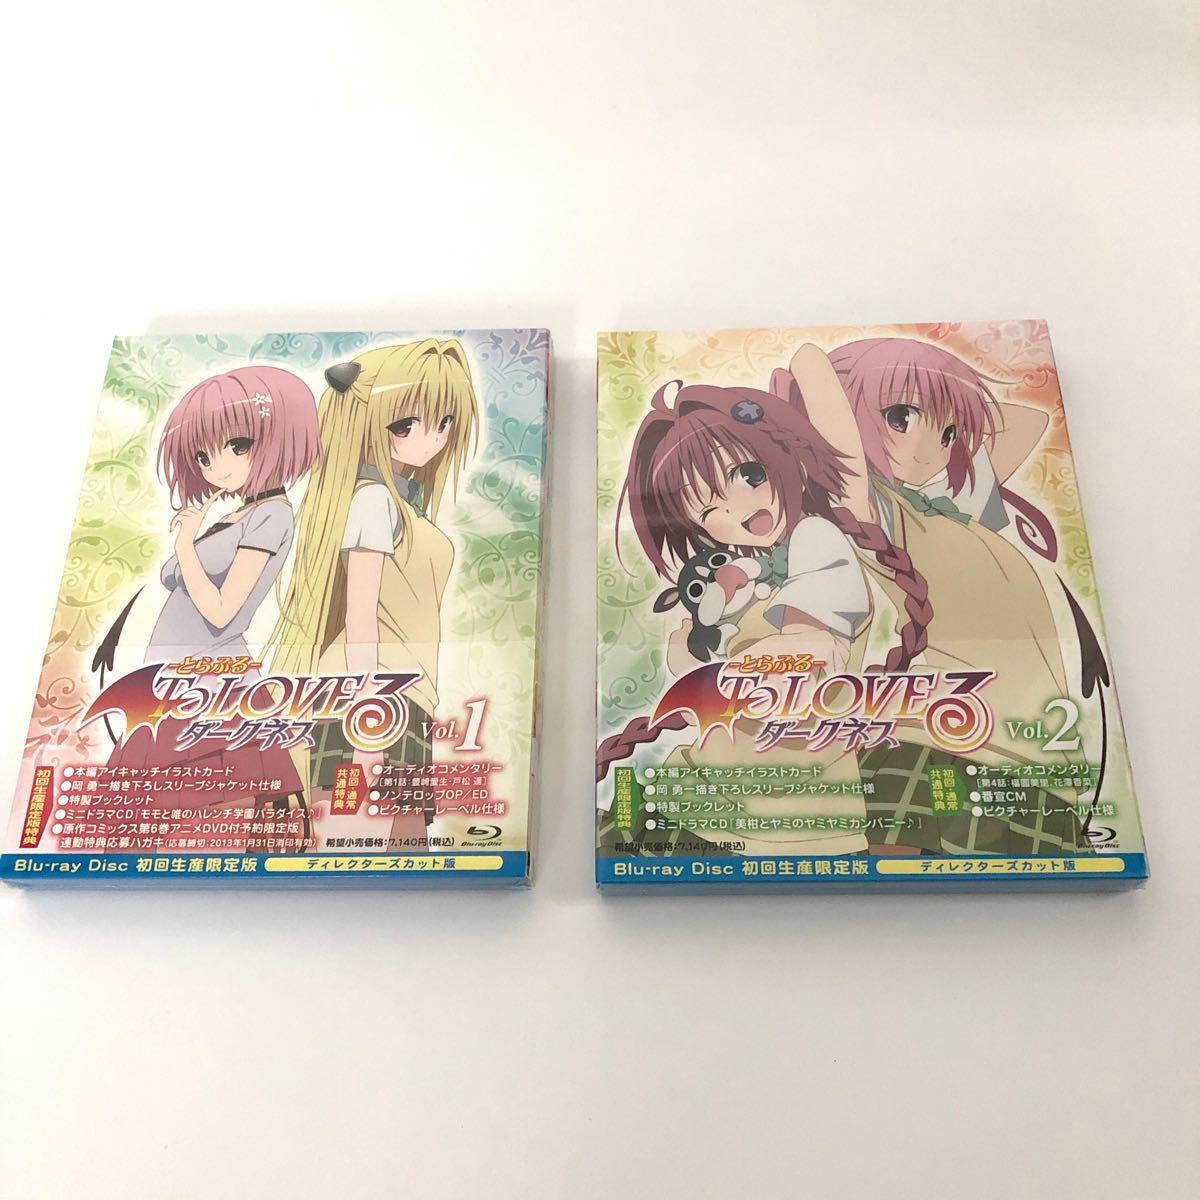 【新品】未開封! ToLoveる ダークネス Blu-ray vol.1 vol.2 初回生産限定盤 初回限定版 限定版